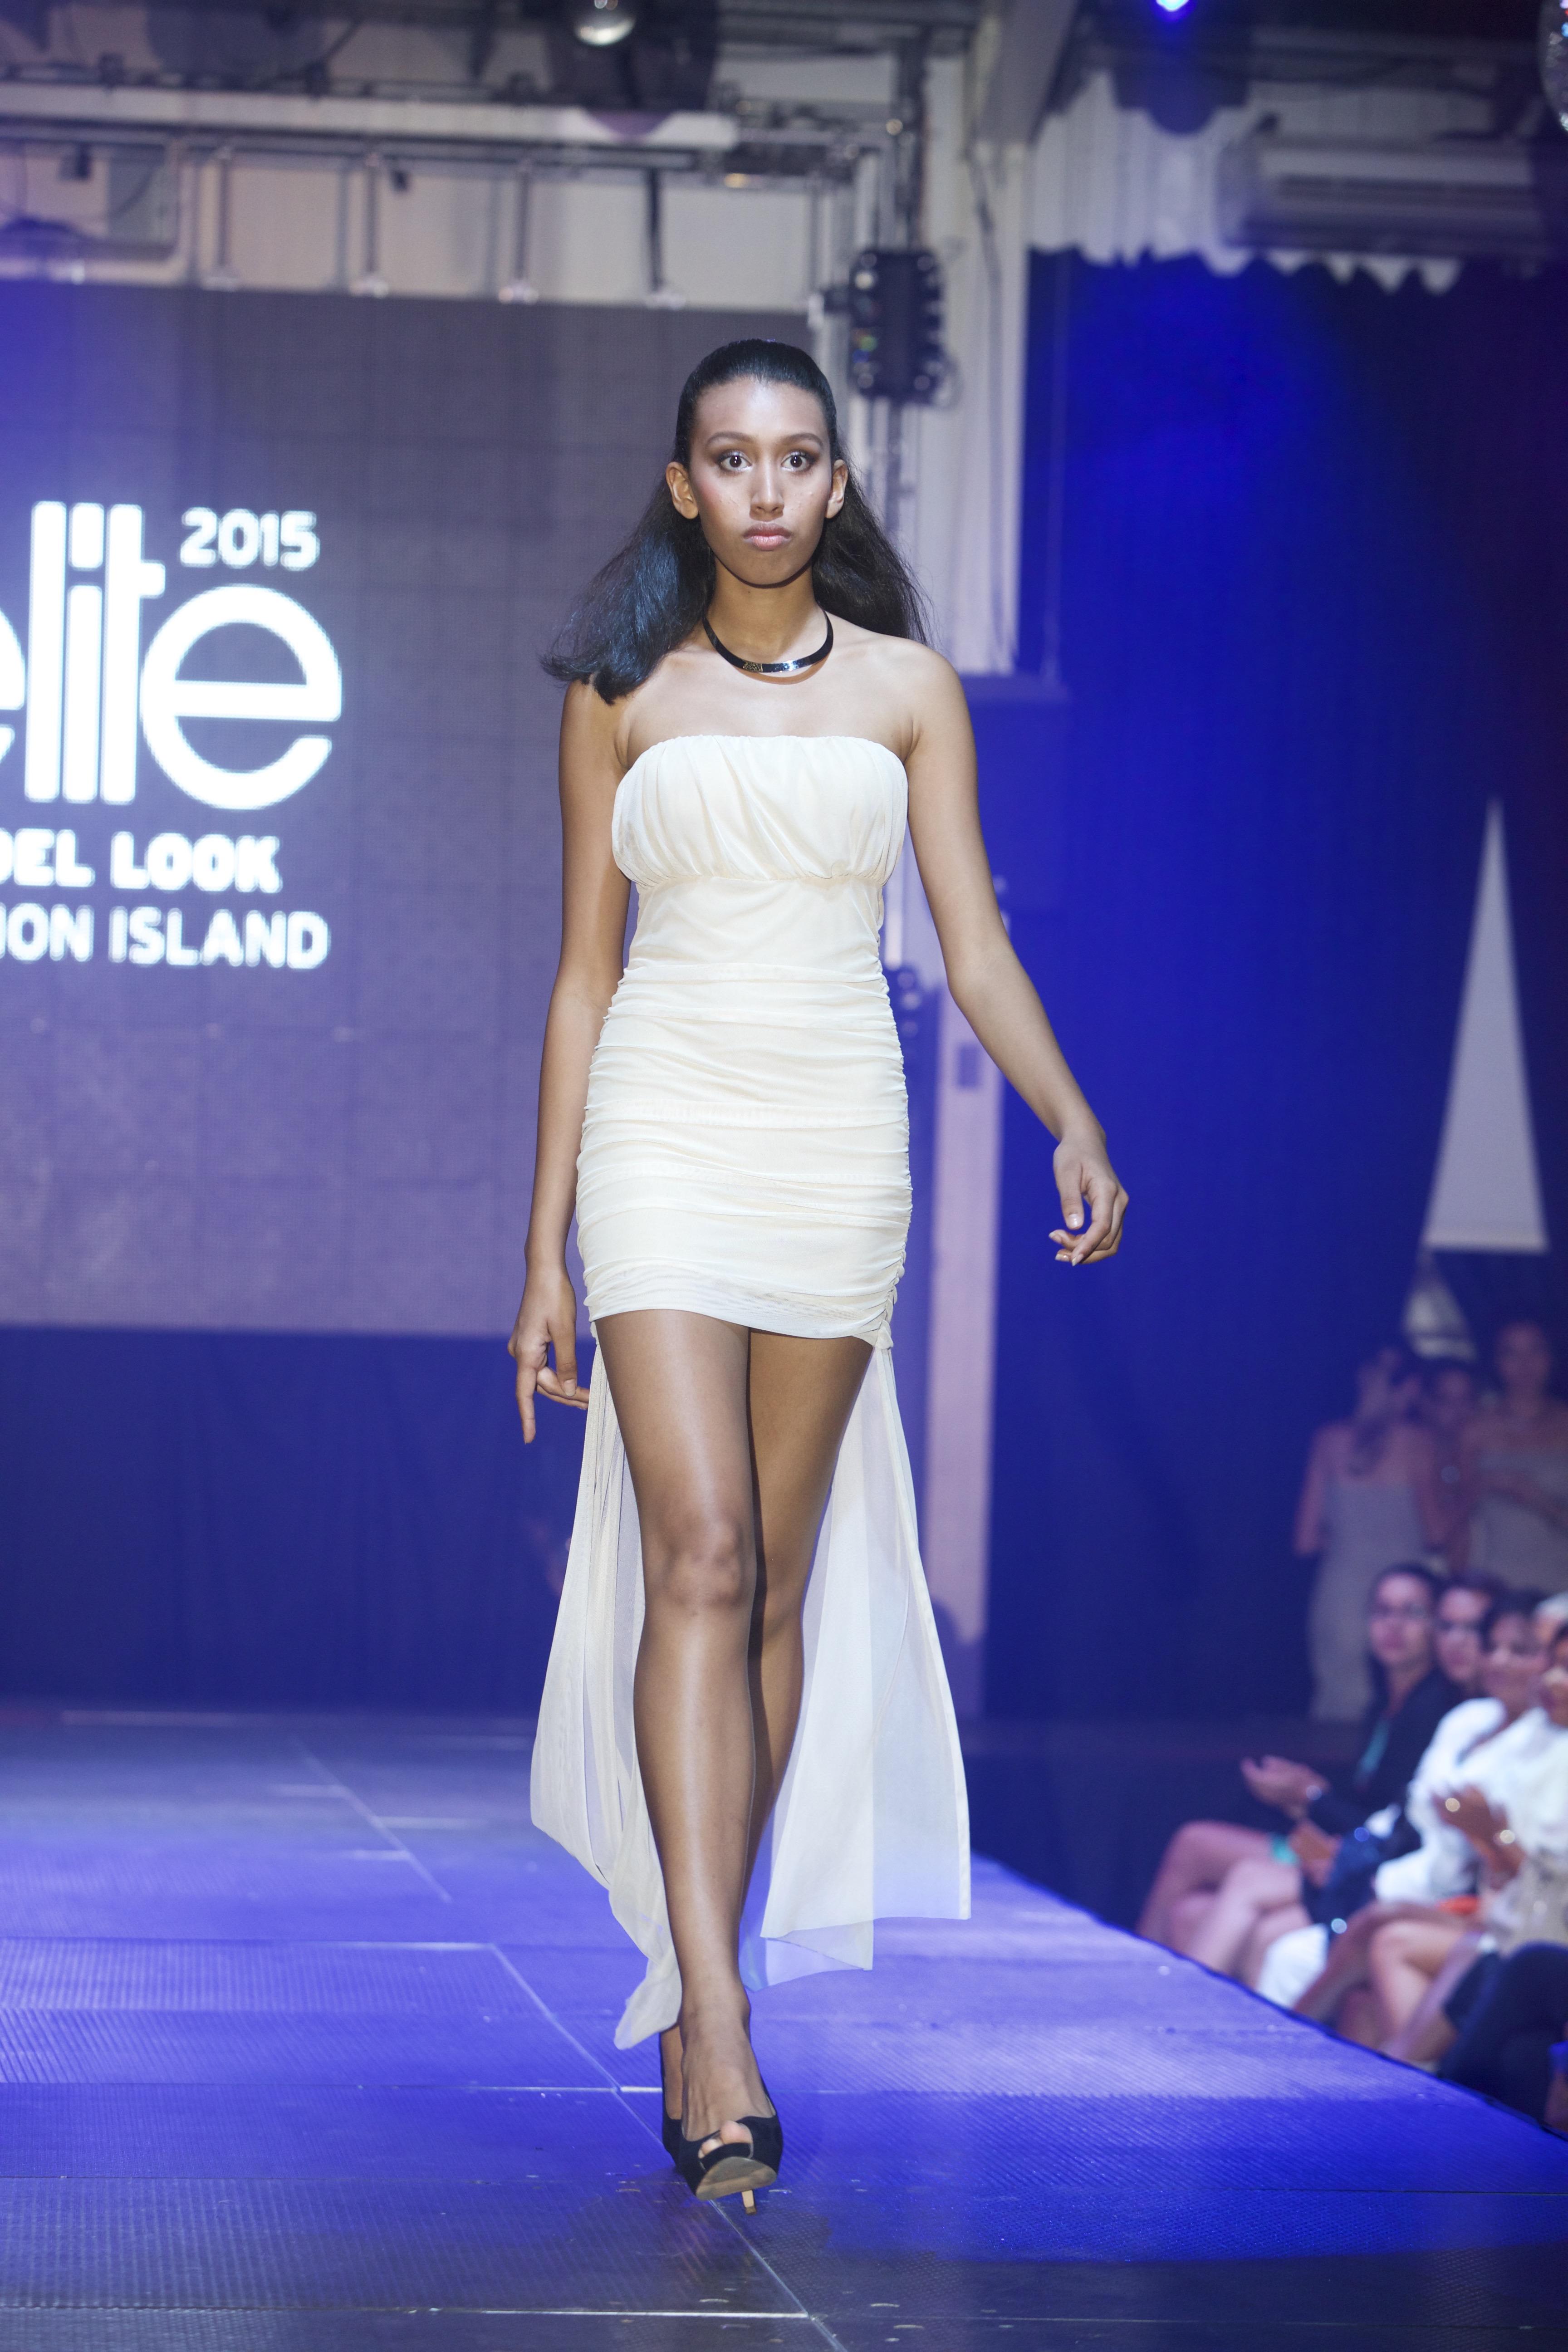 Elite Model Look Reunion Island 2015: un tableau d'ouverture tout en fluidité